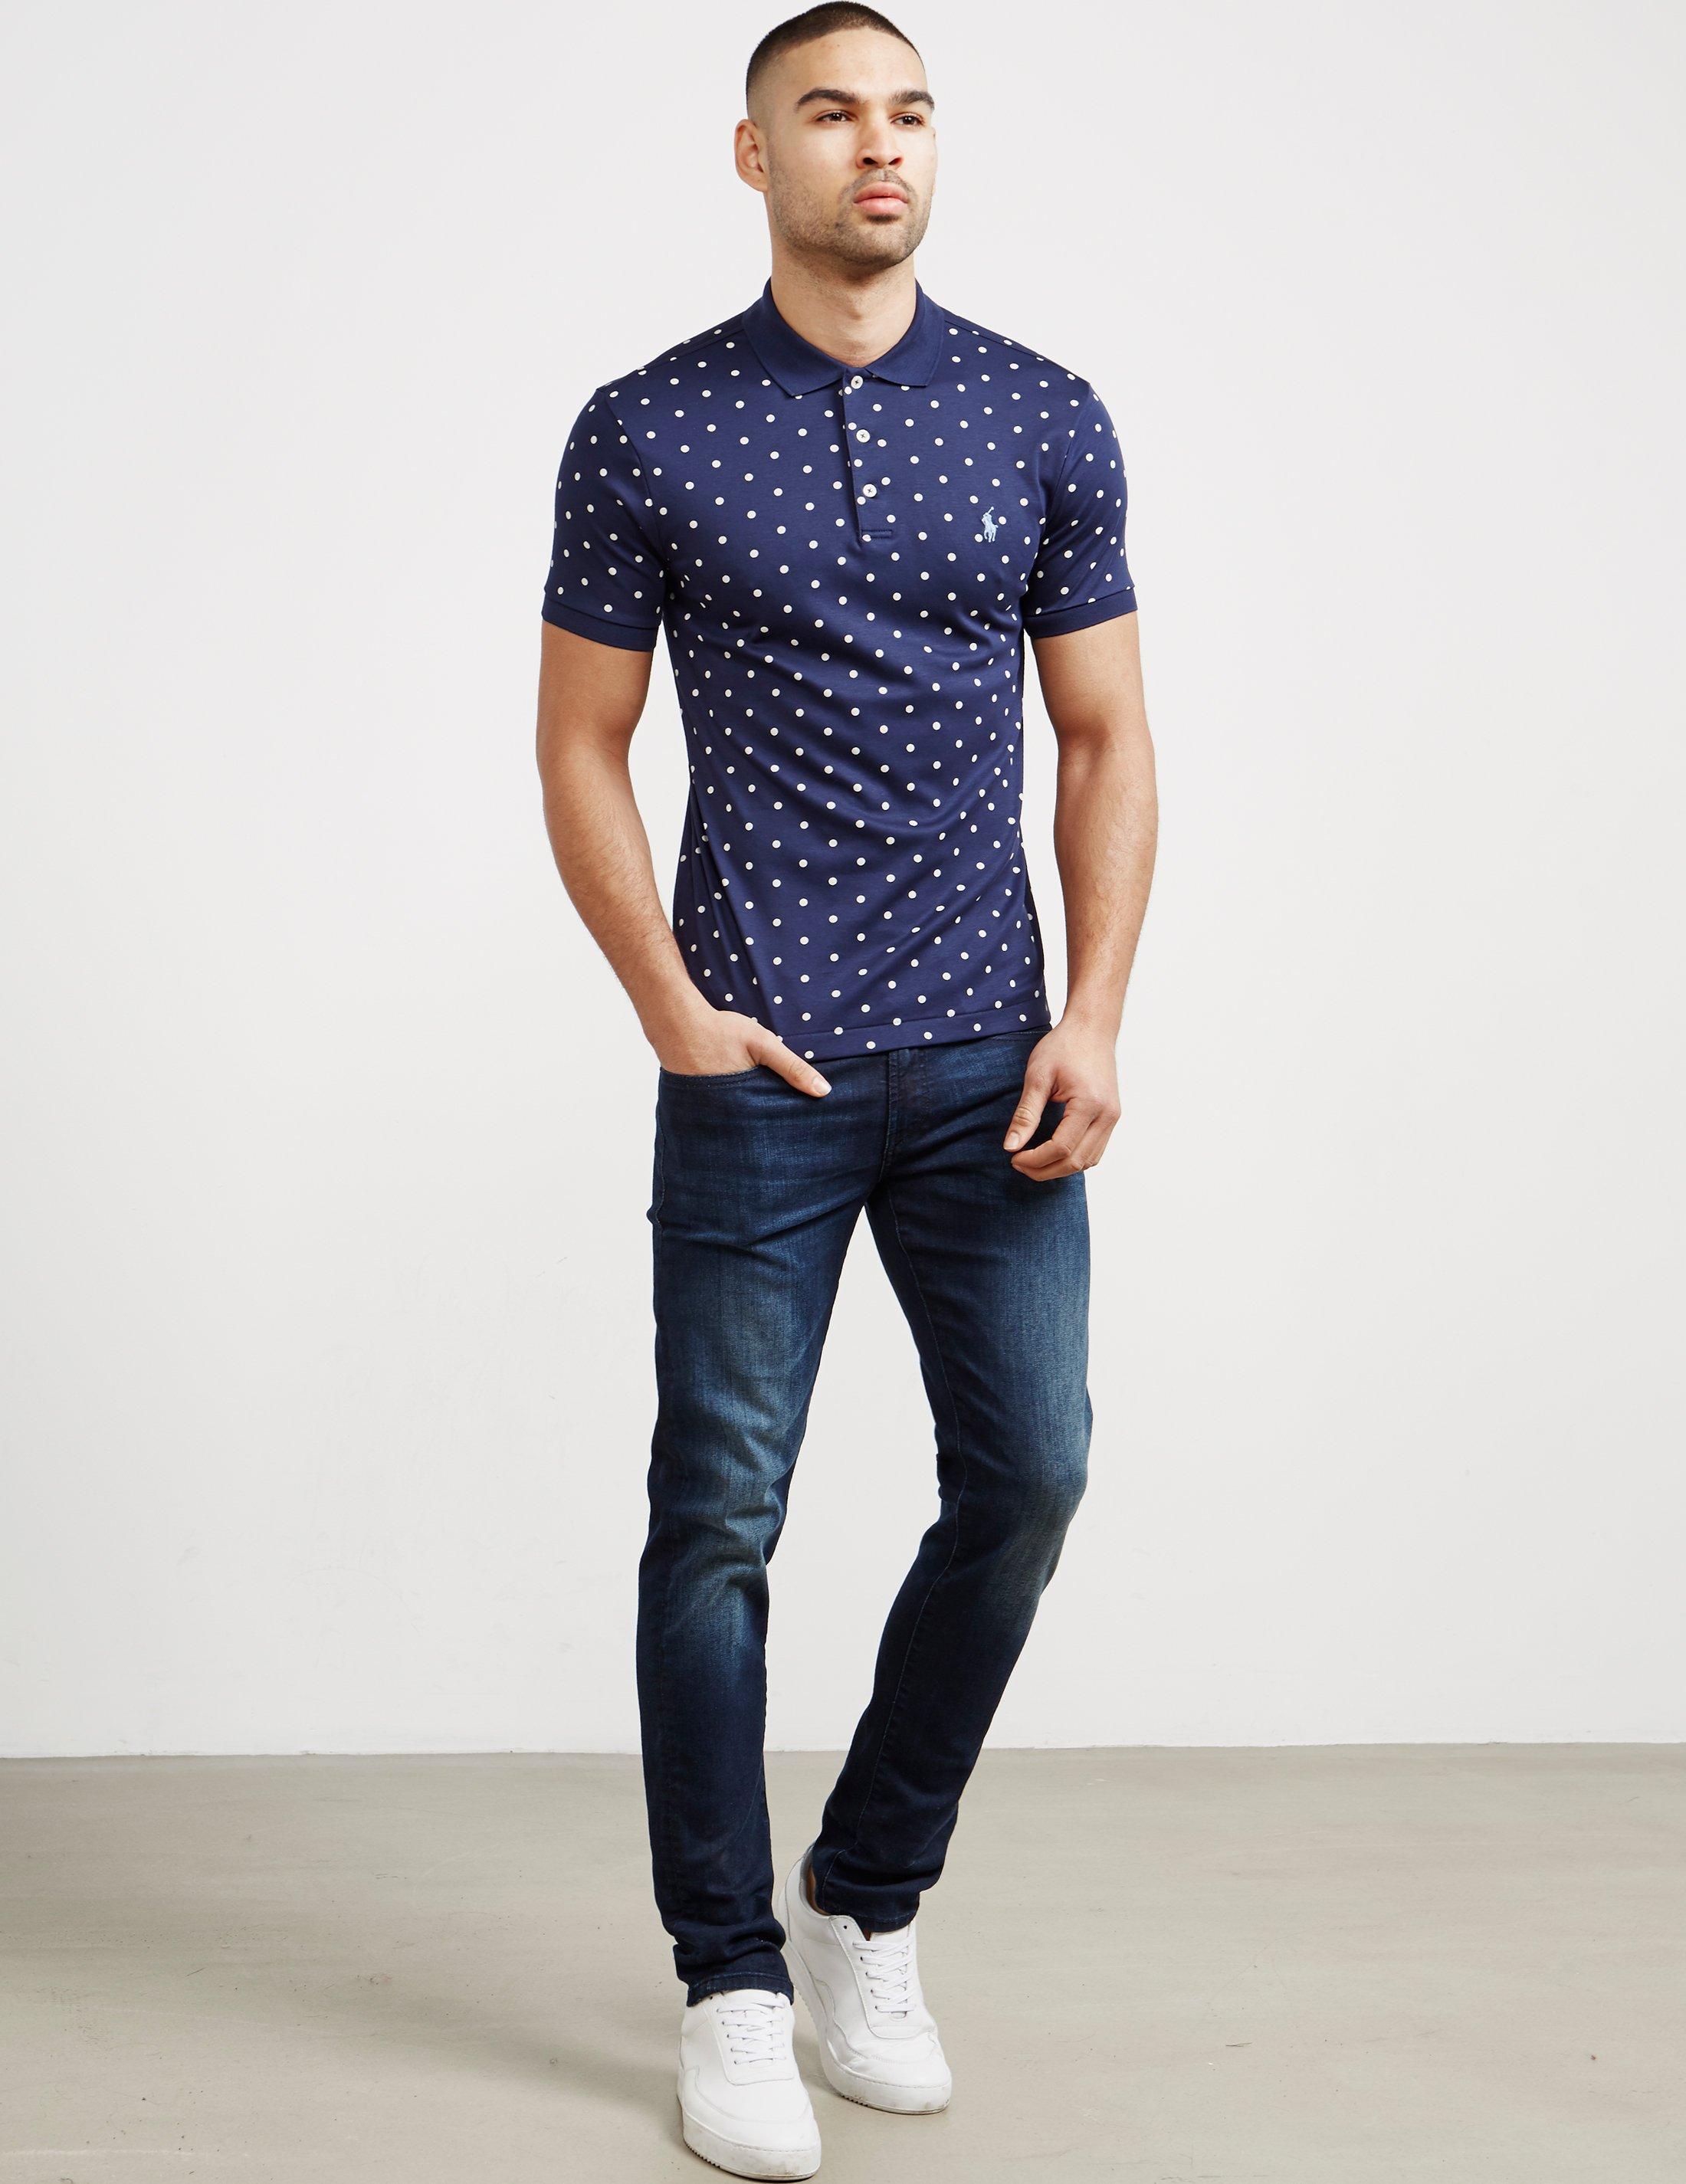 Lyst Polo Ralph Lauren Mens Dot Short Sleeve Polo Shirt Online